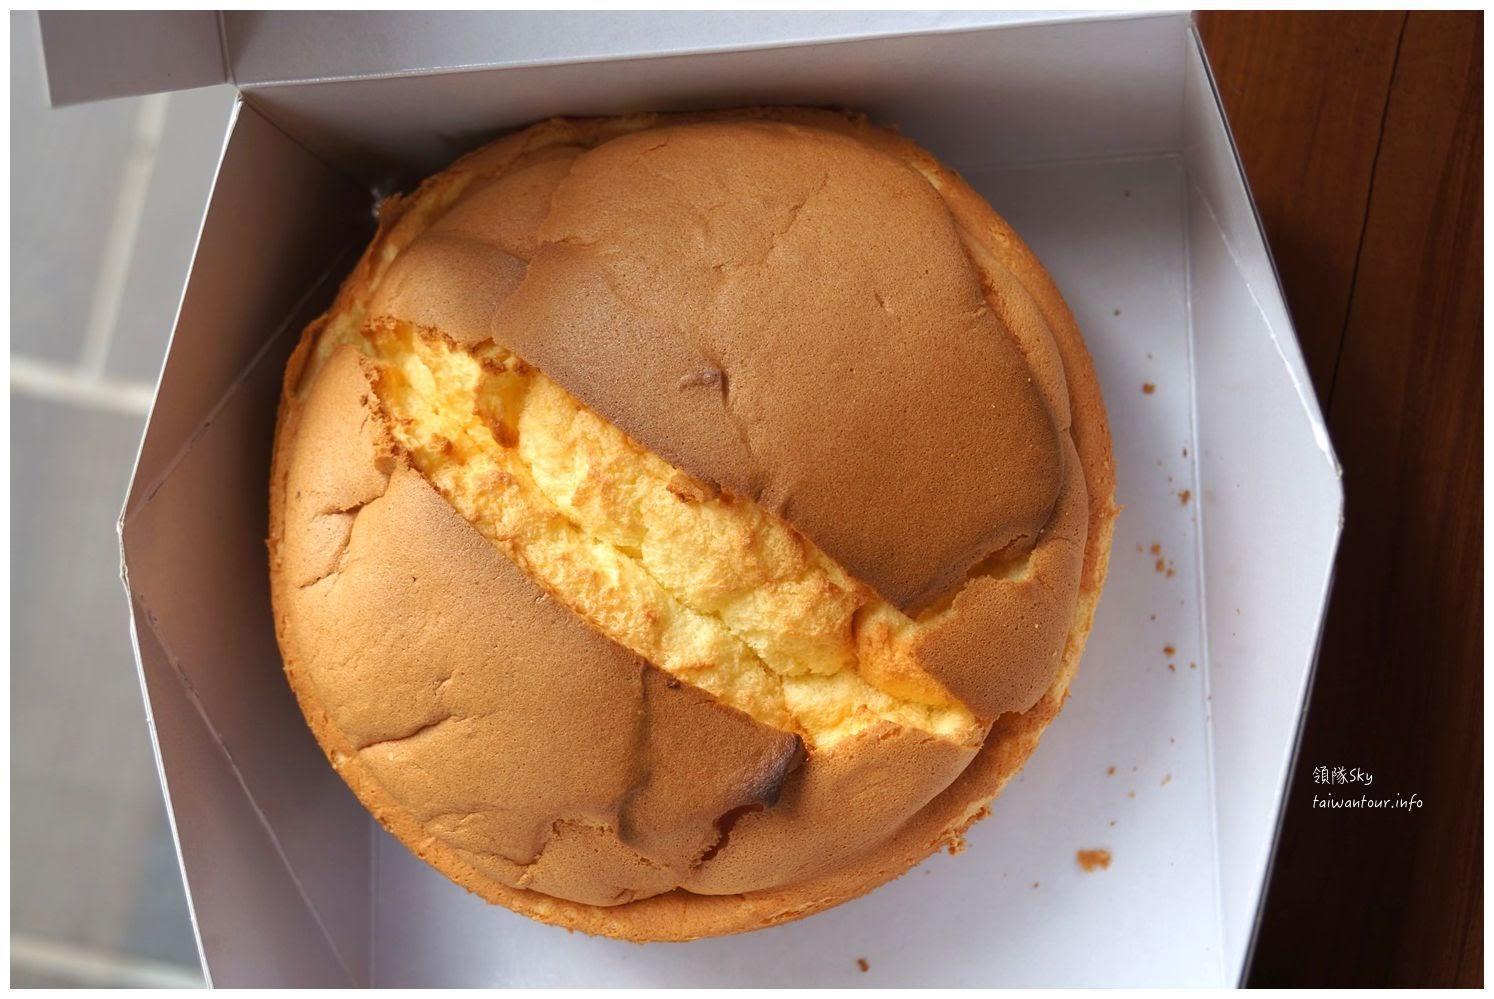 新竹美食推薦-好吃的傳統蛋糕【村上布丁蛋糕店】(食尚玩家推薦)